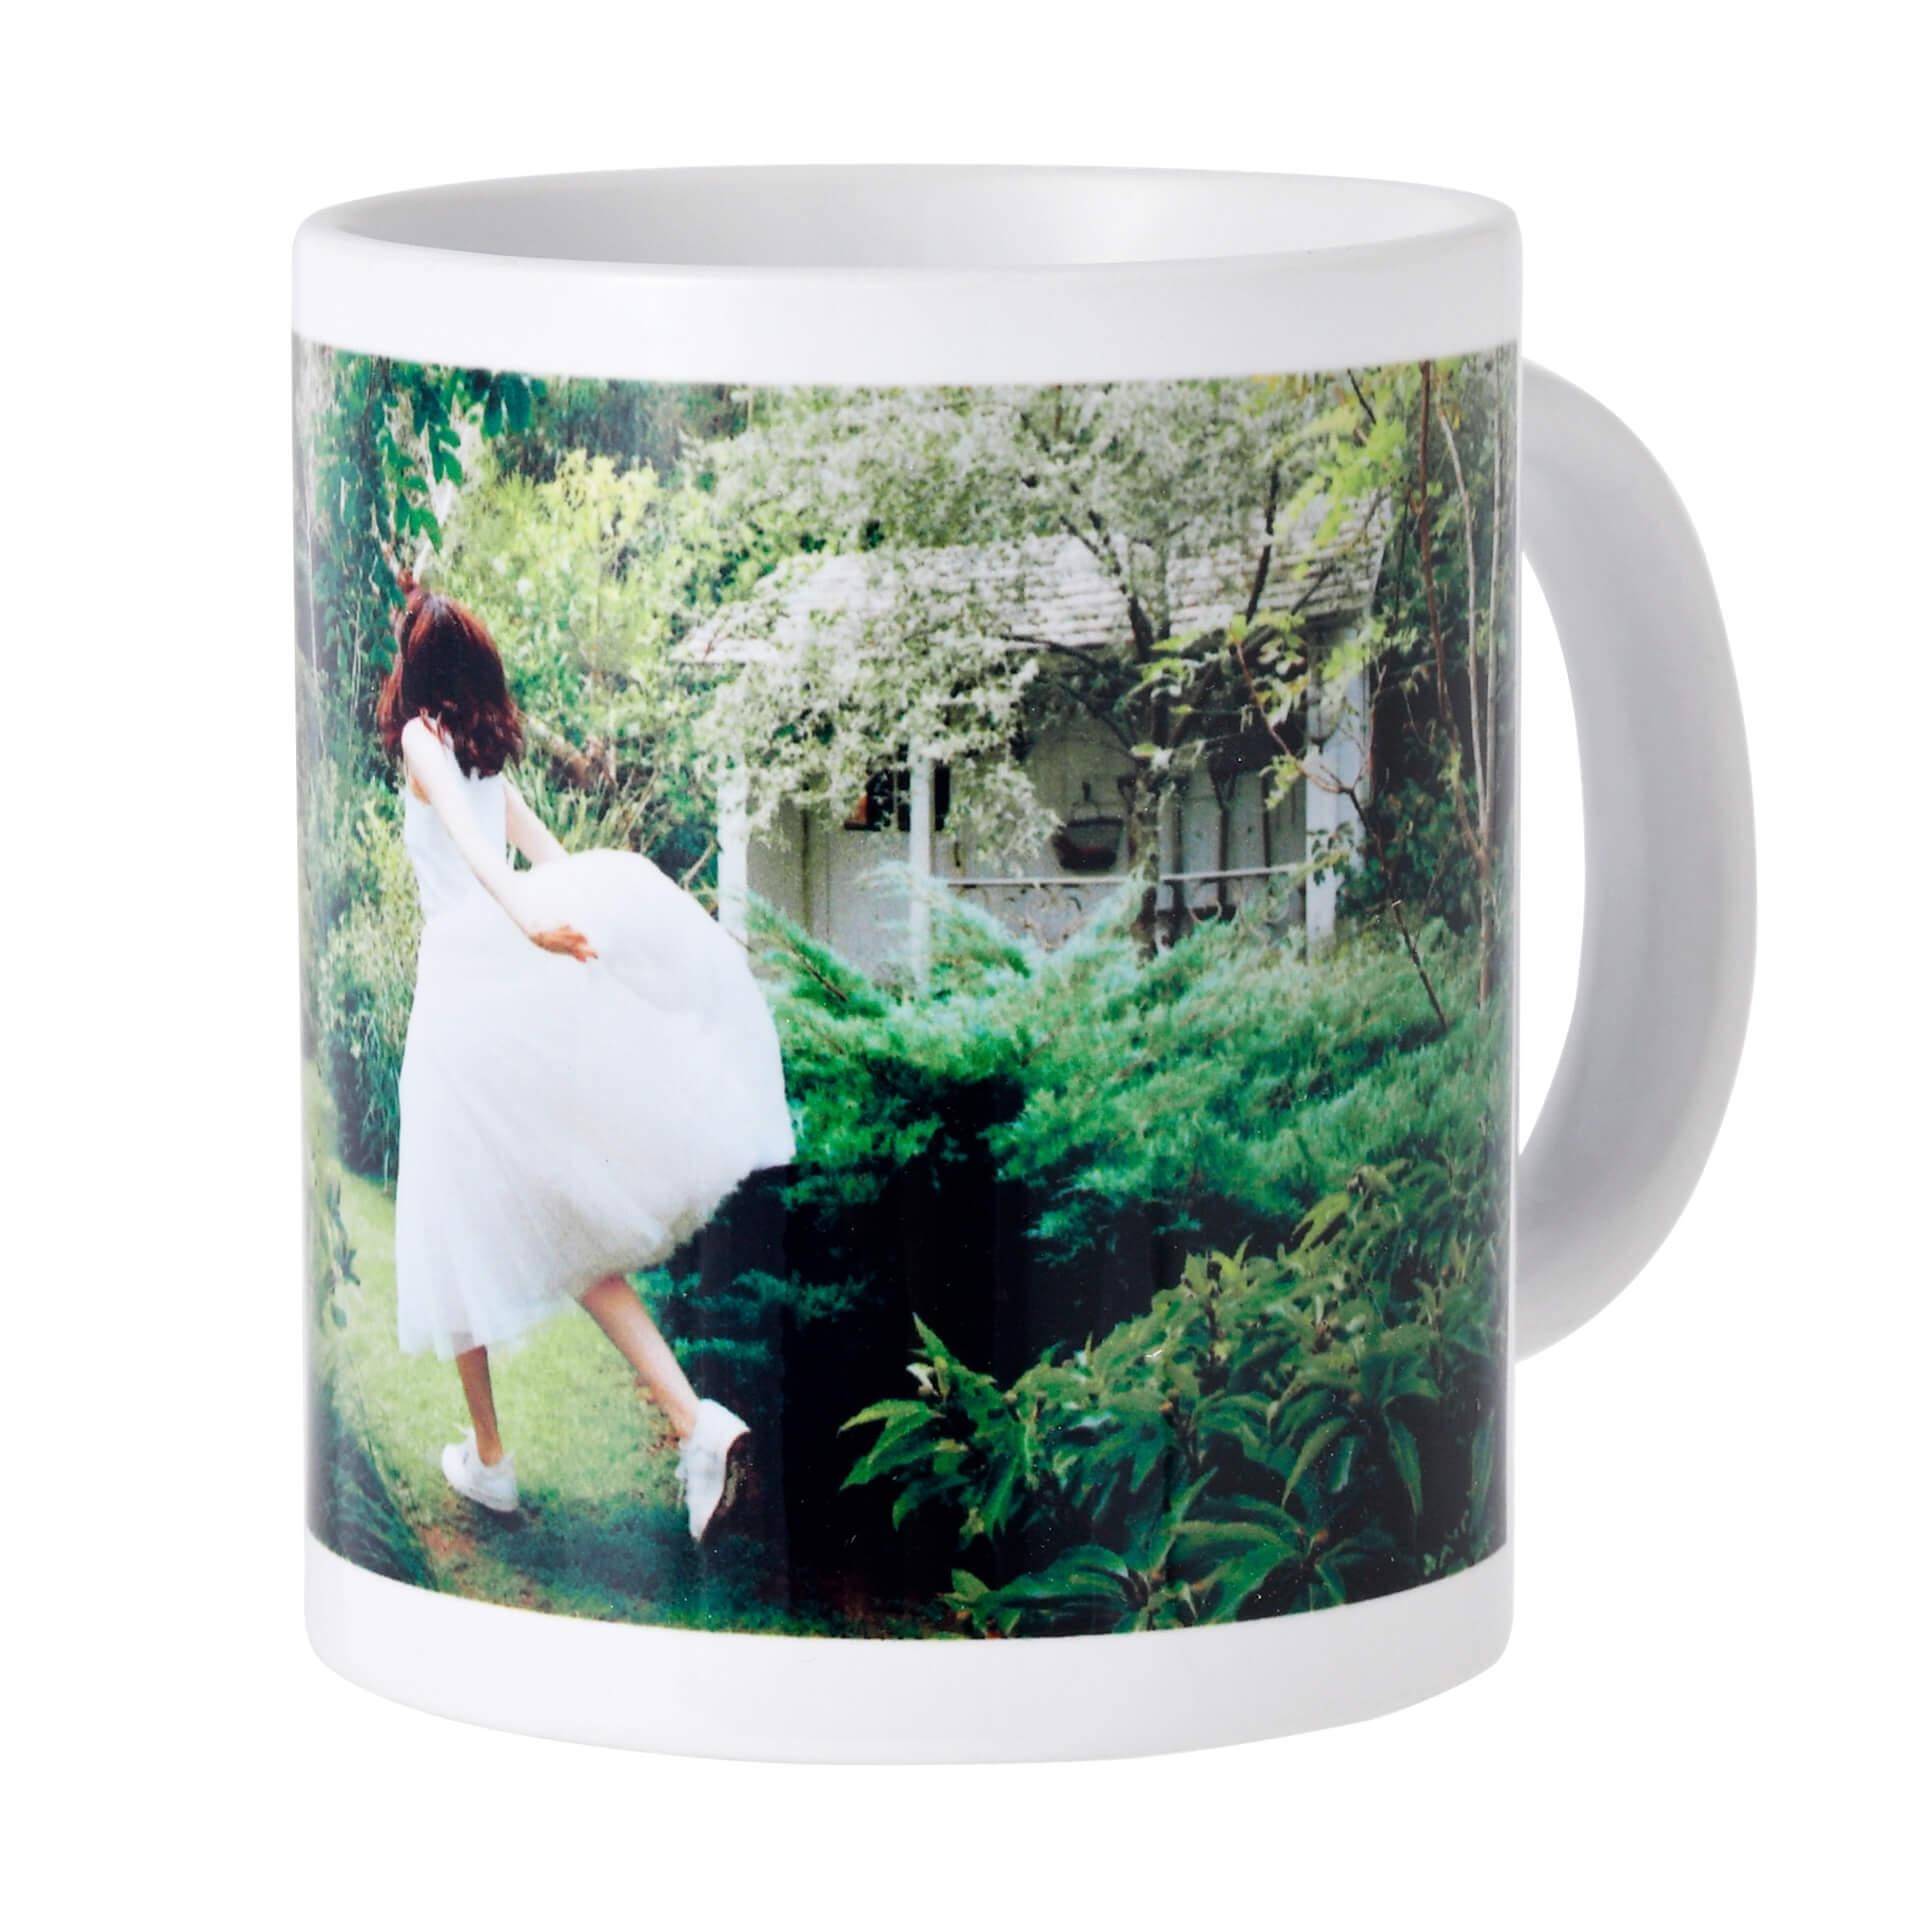 新垣結衣のNYLON JAPANでの軌跡を追った写真展が福岡、札幌、広島のPARCOでも開催決定!ガッキーマグカップの発売も art200909_aragakiyui_6